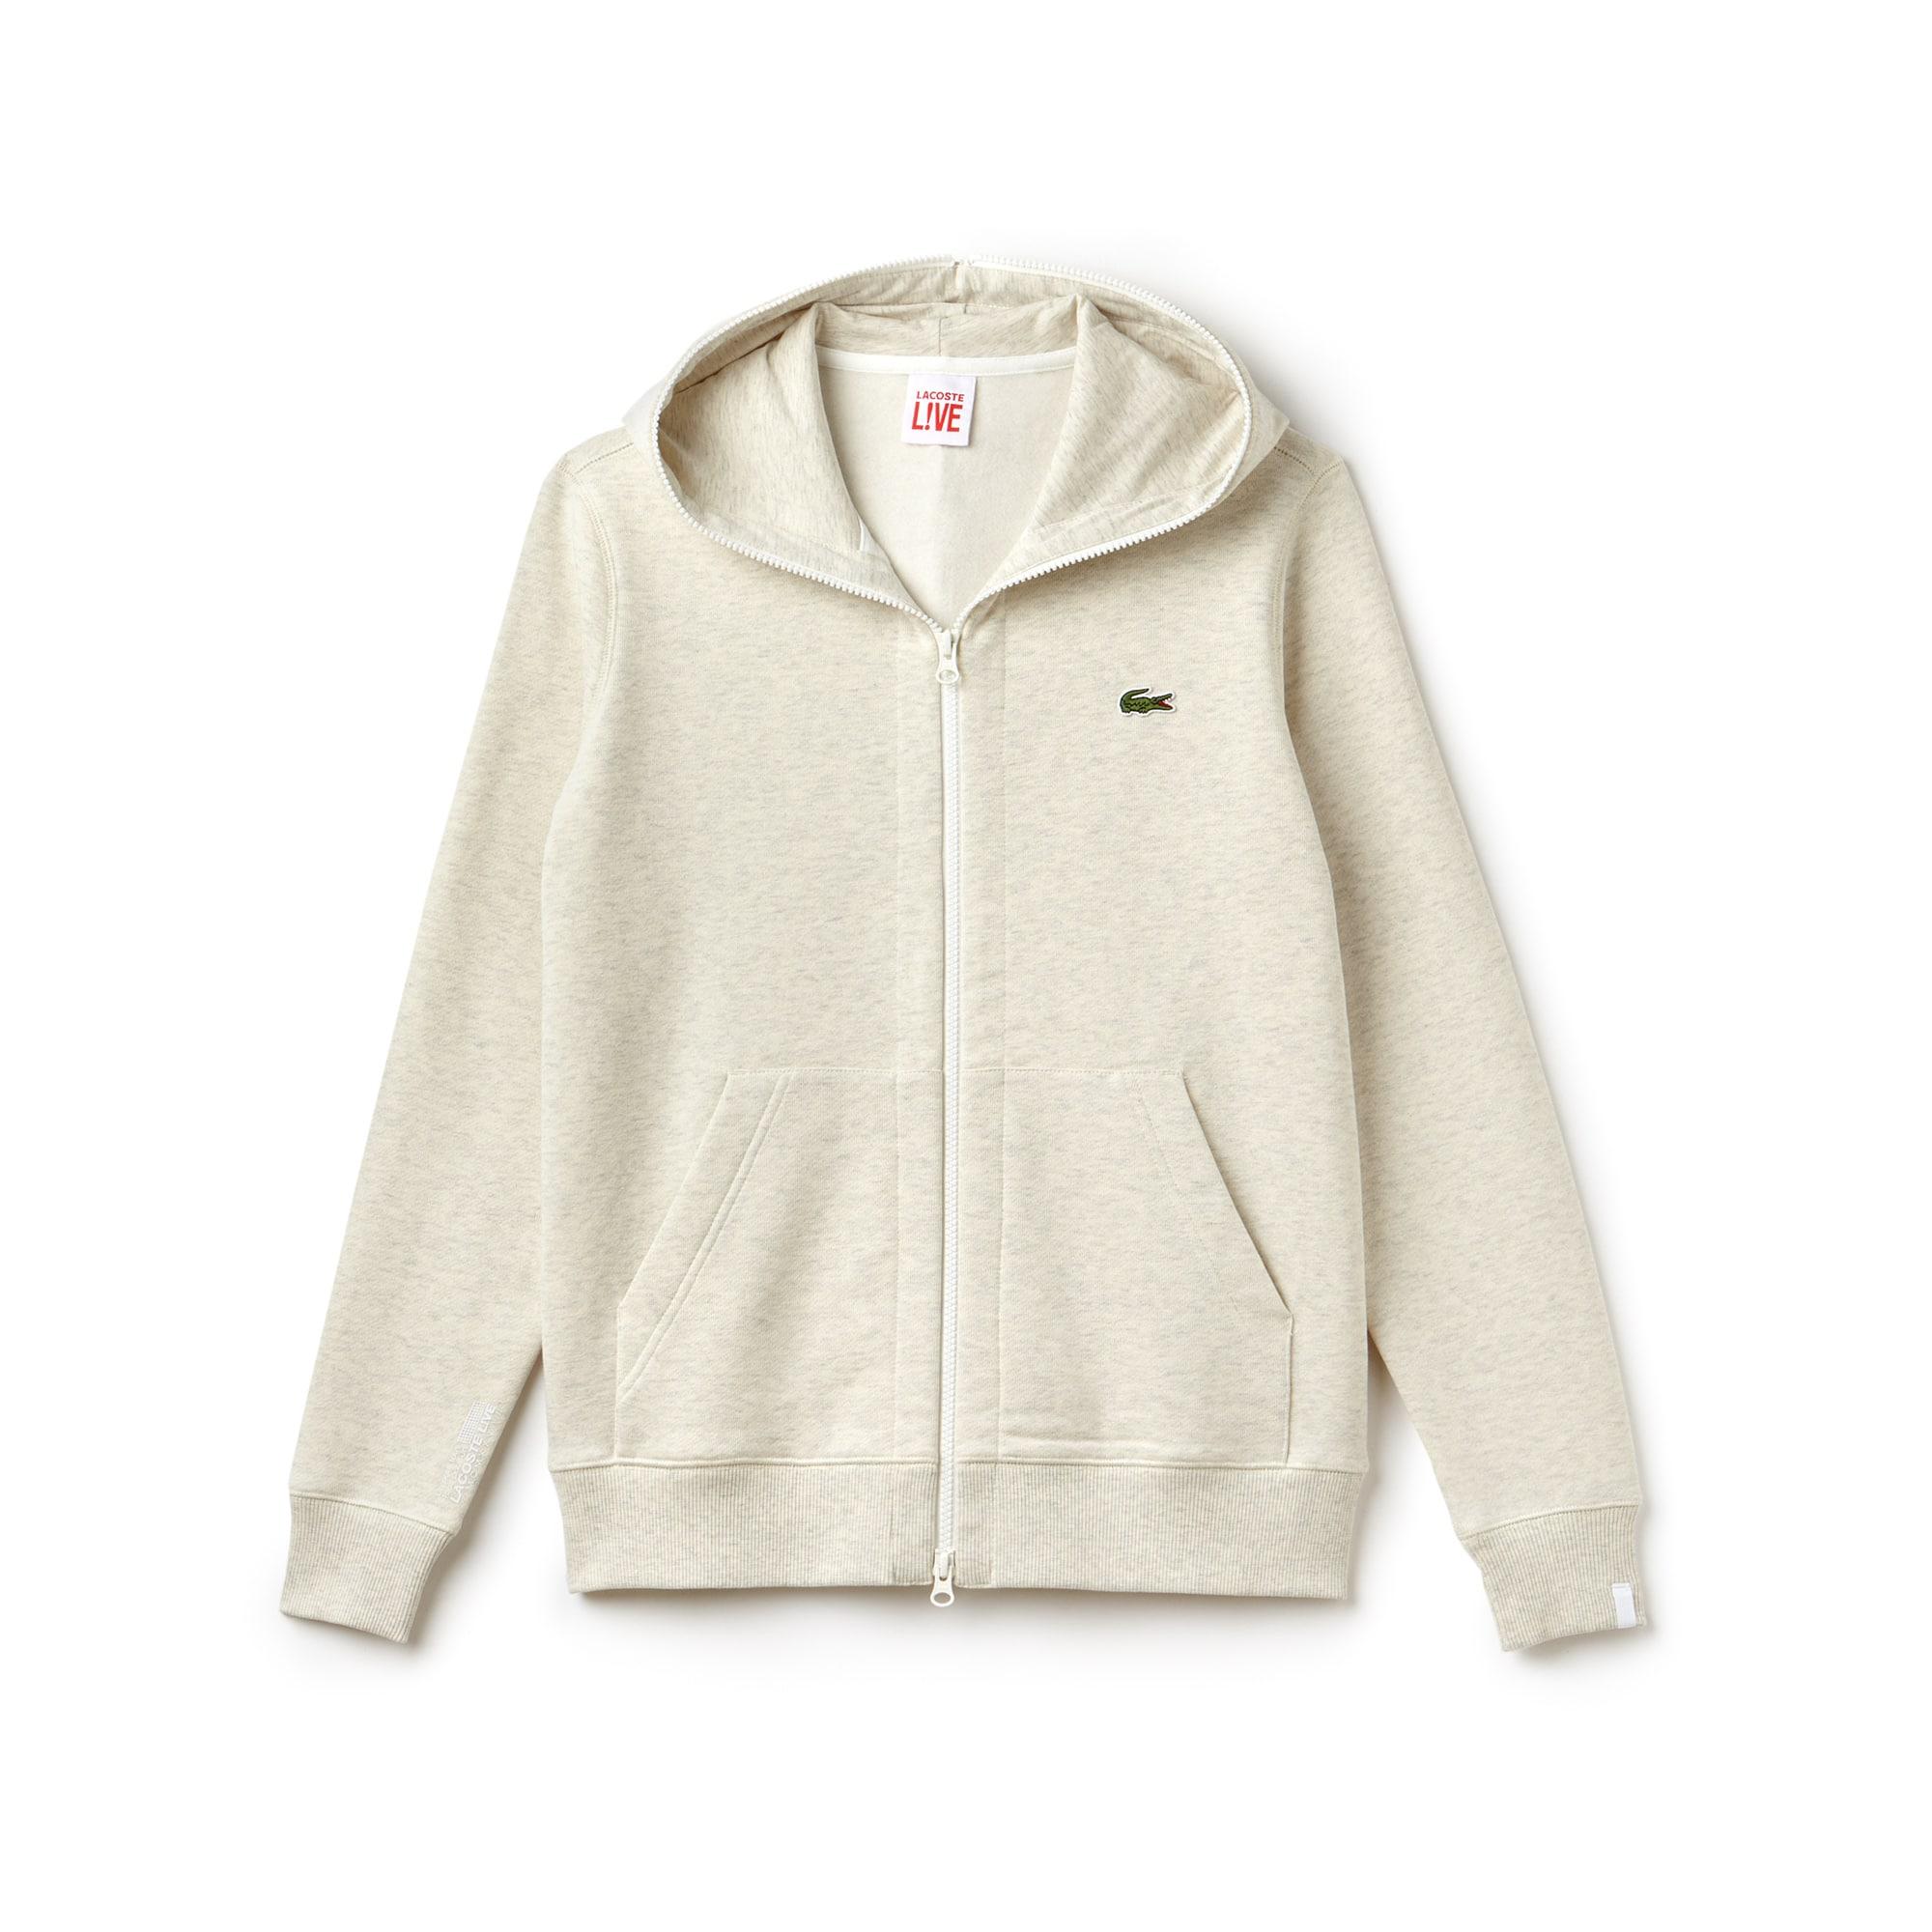 Sweatshirt zippé à capuche unisexe Lacoste LIVE en coton uni